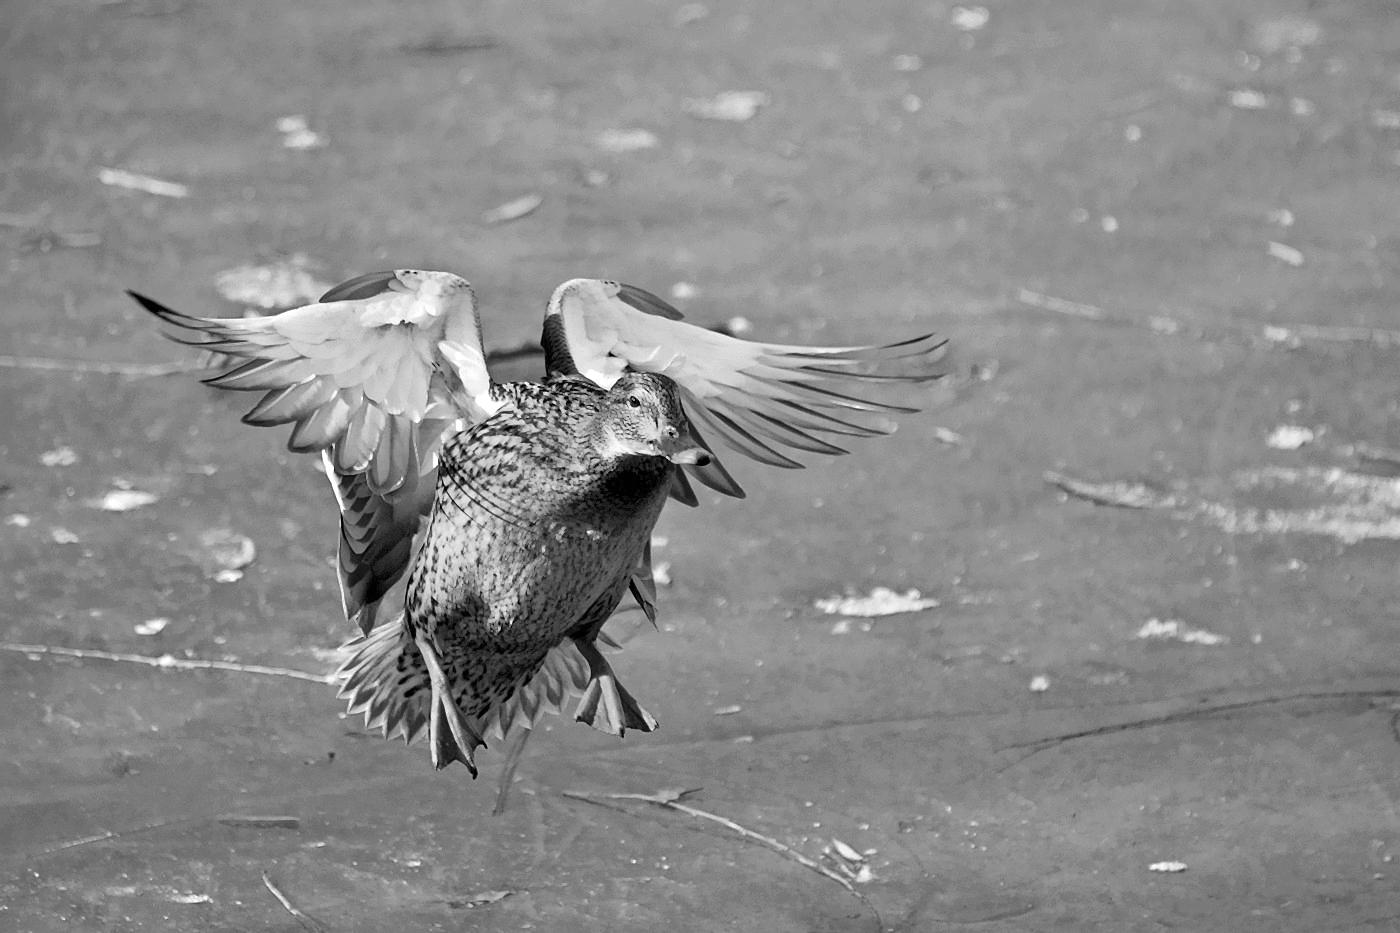 老张喜爱摄影作品:鸭鸭要么蹦要么飞